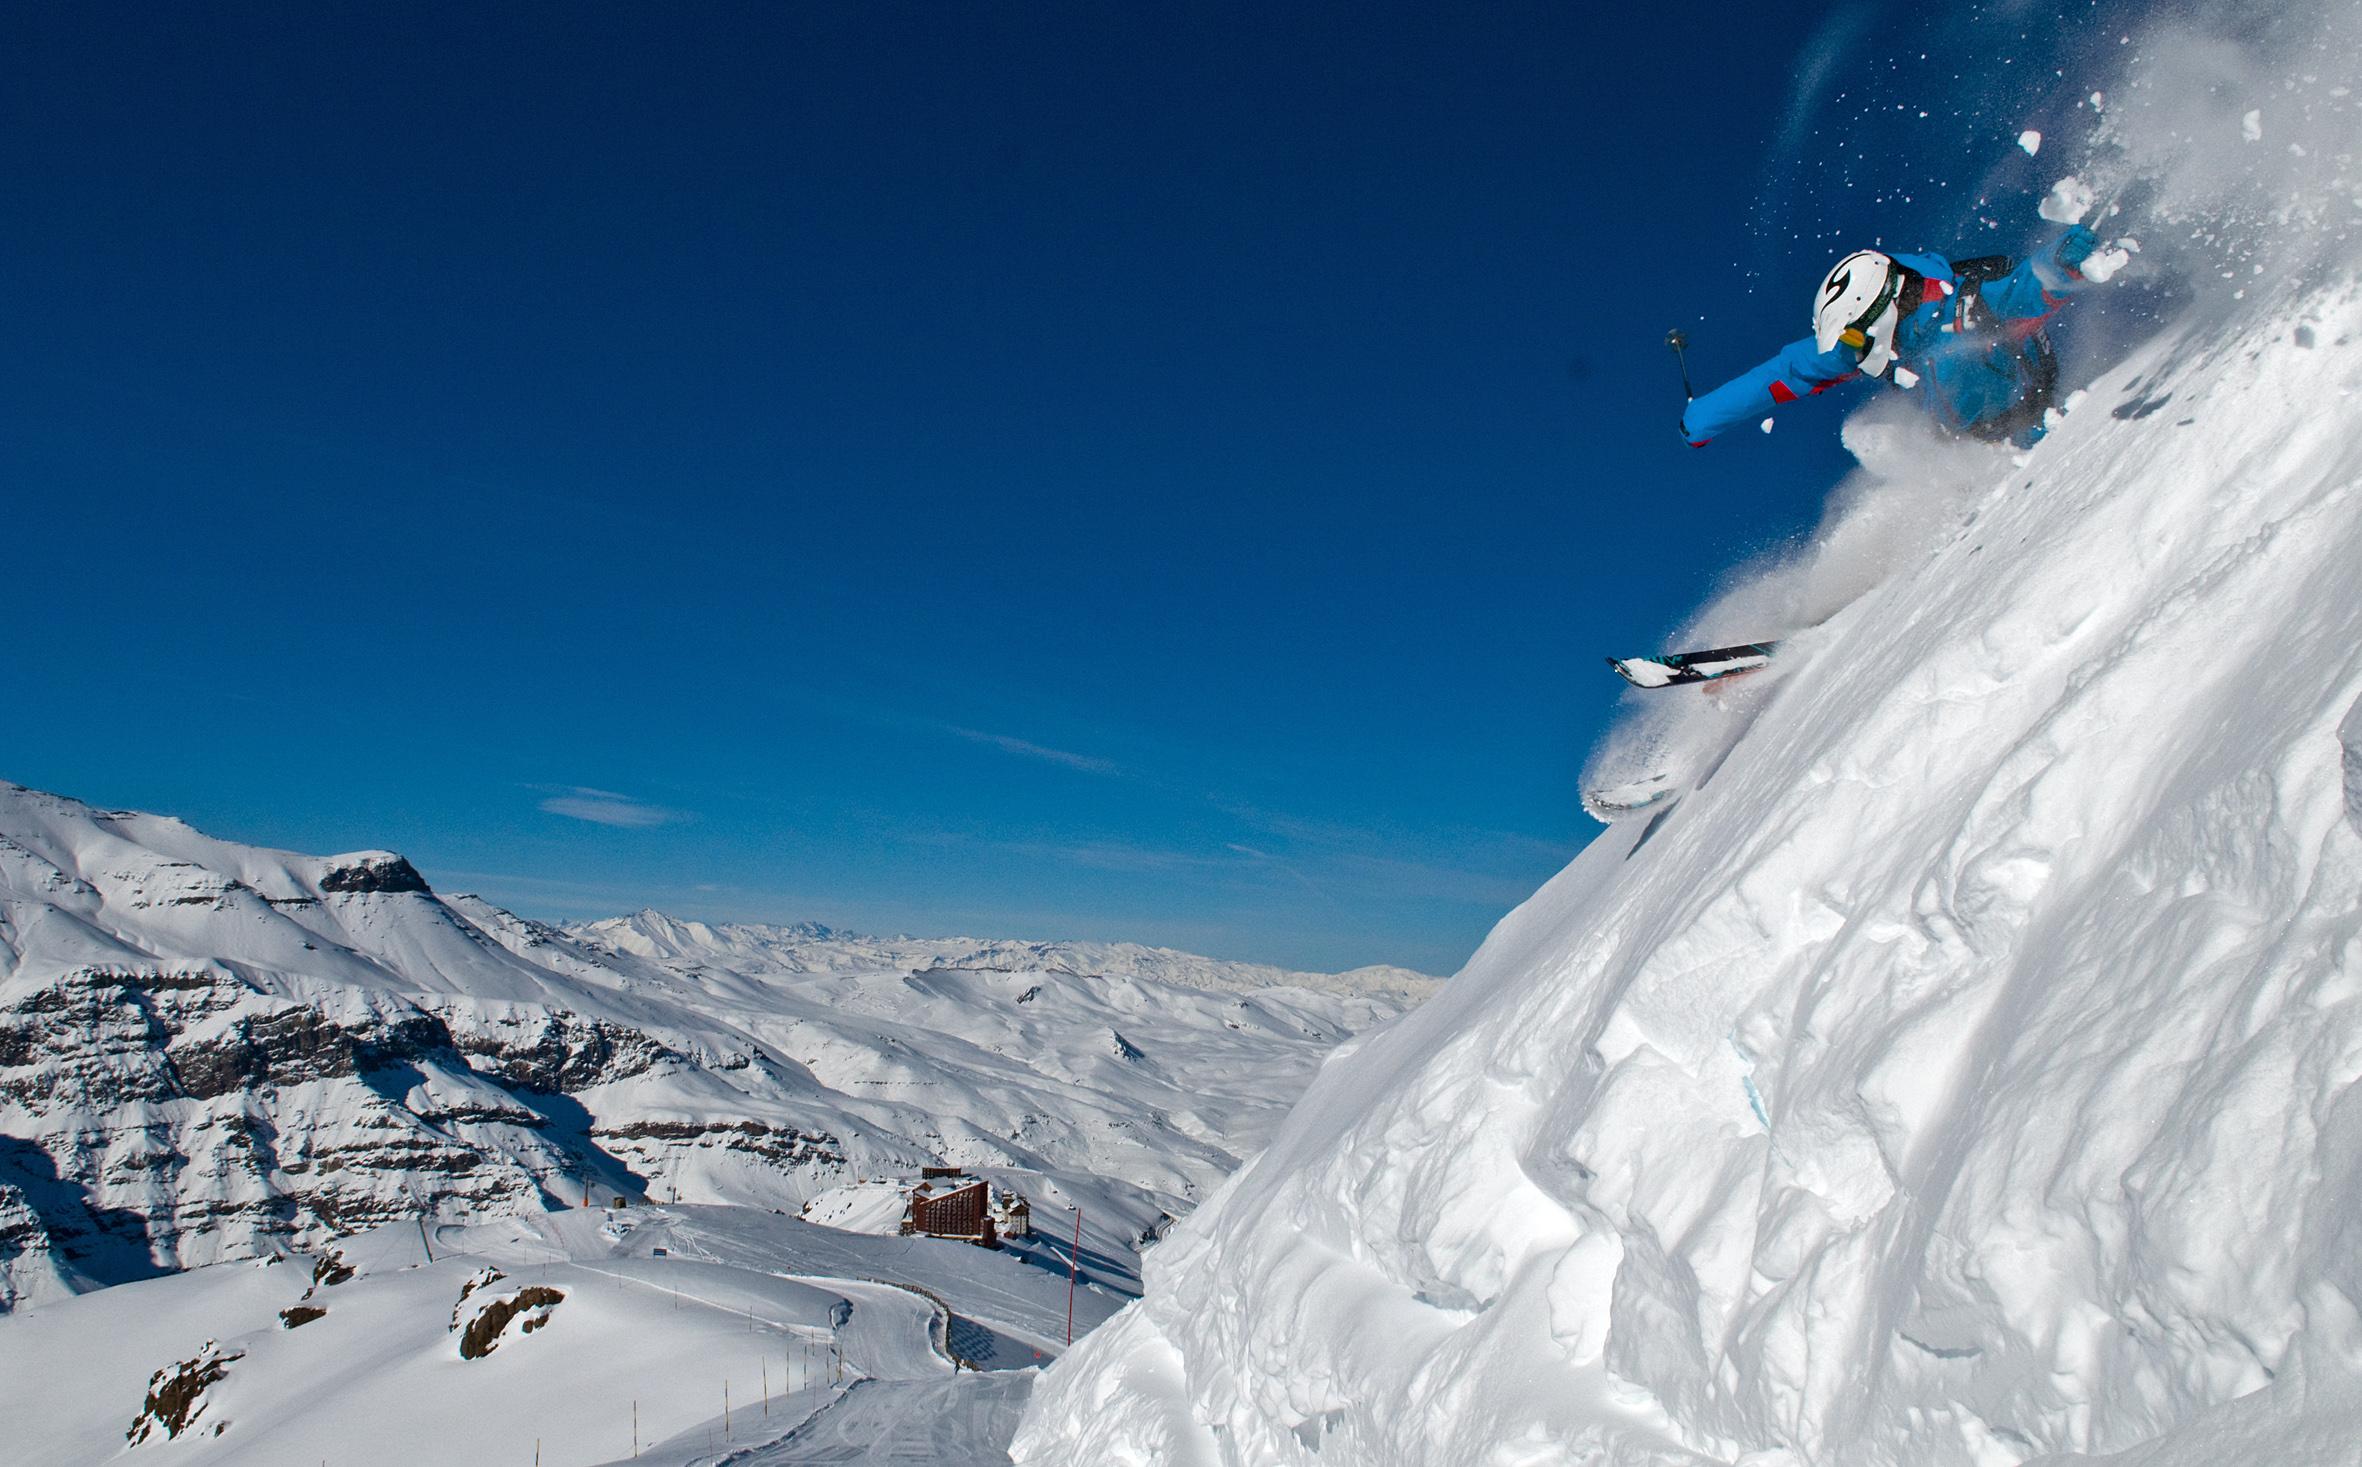 Santiago_Valle Nevado_Centro de Ski